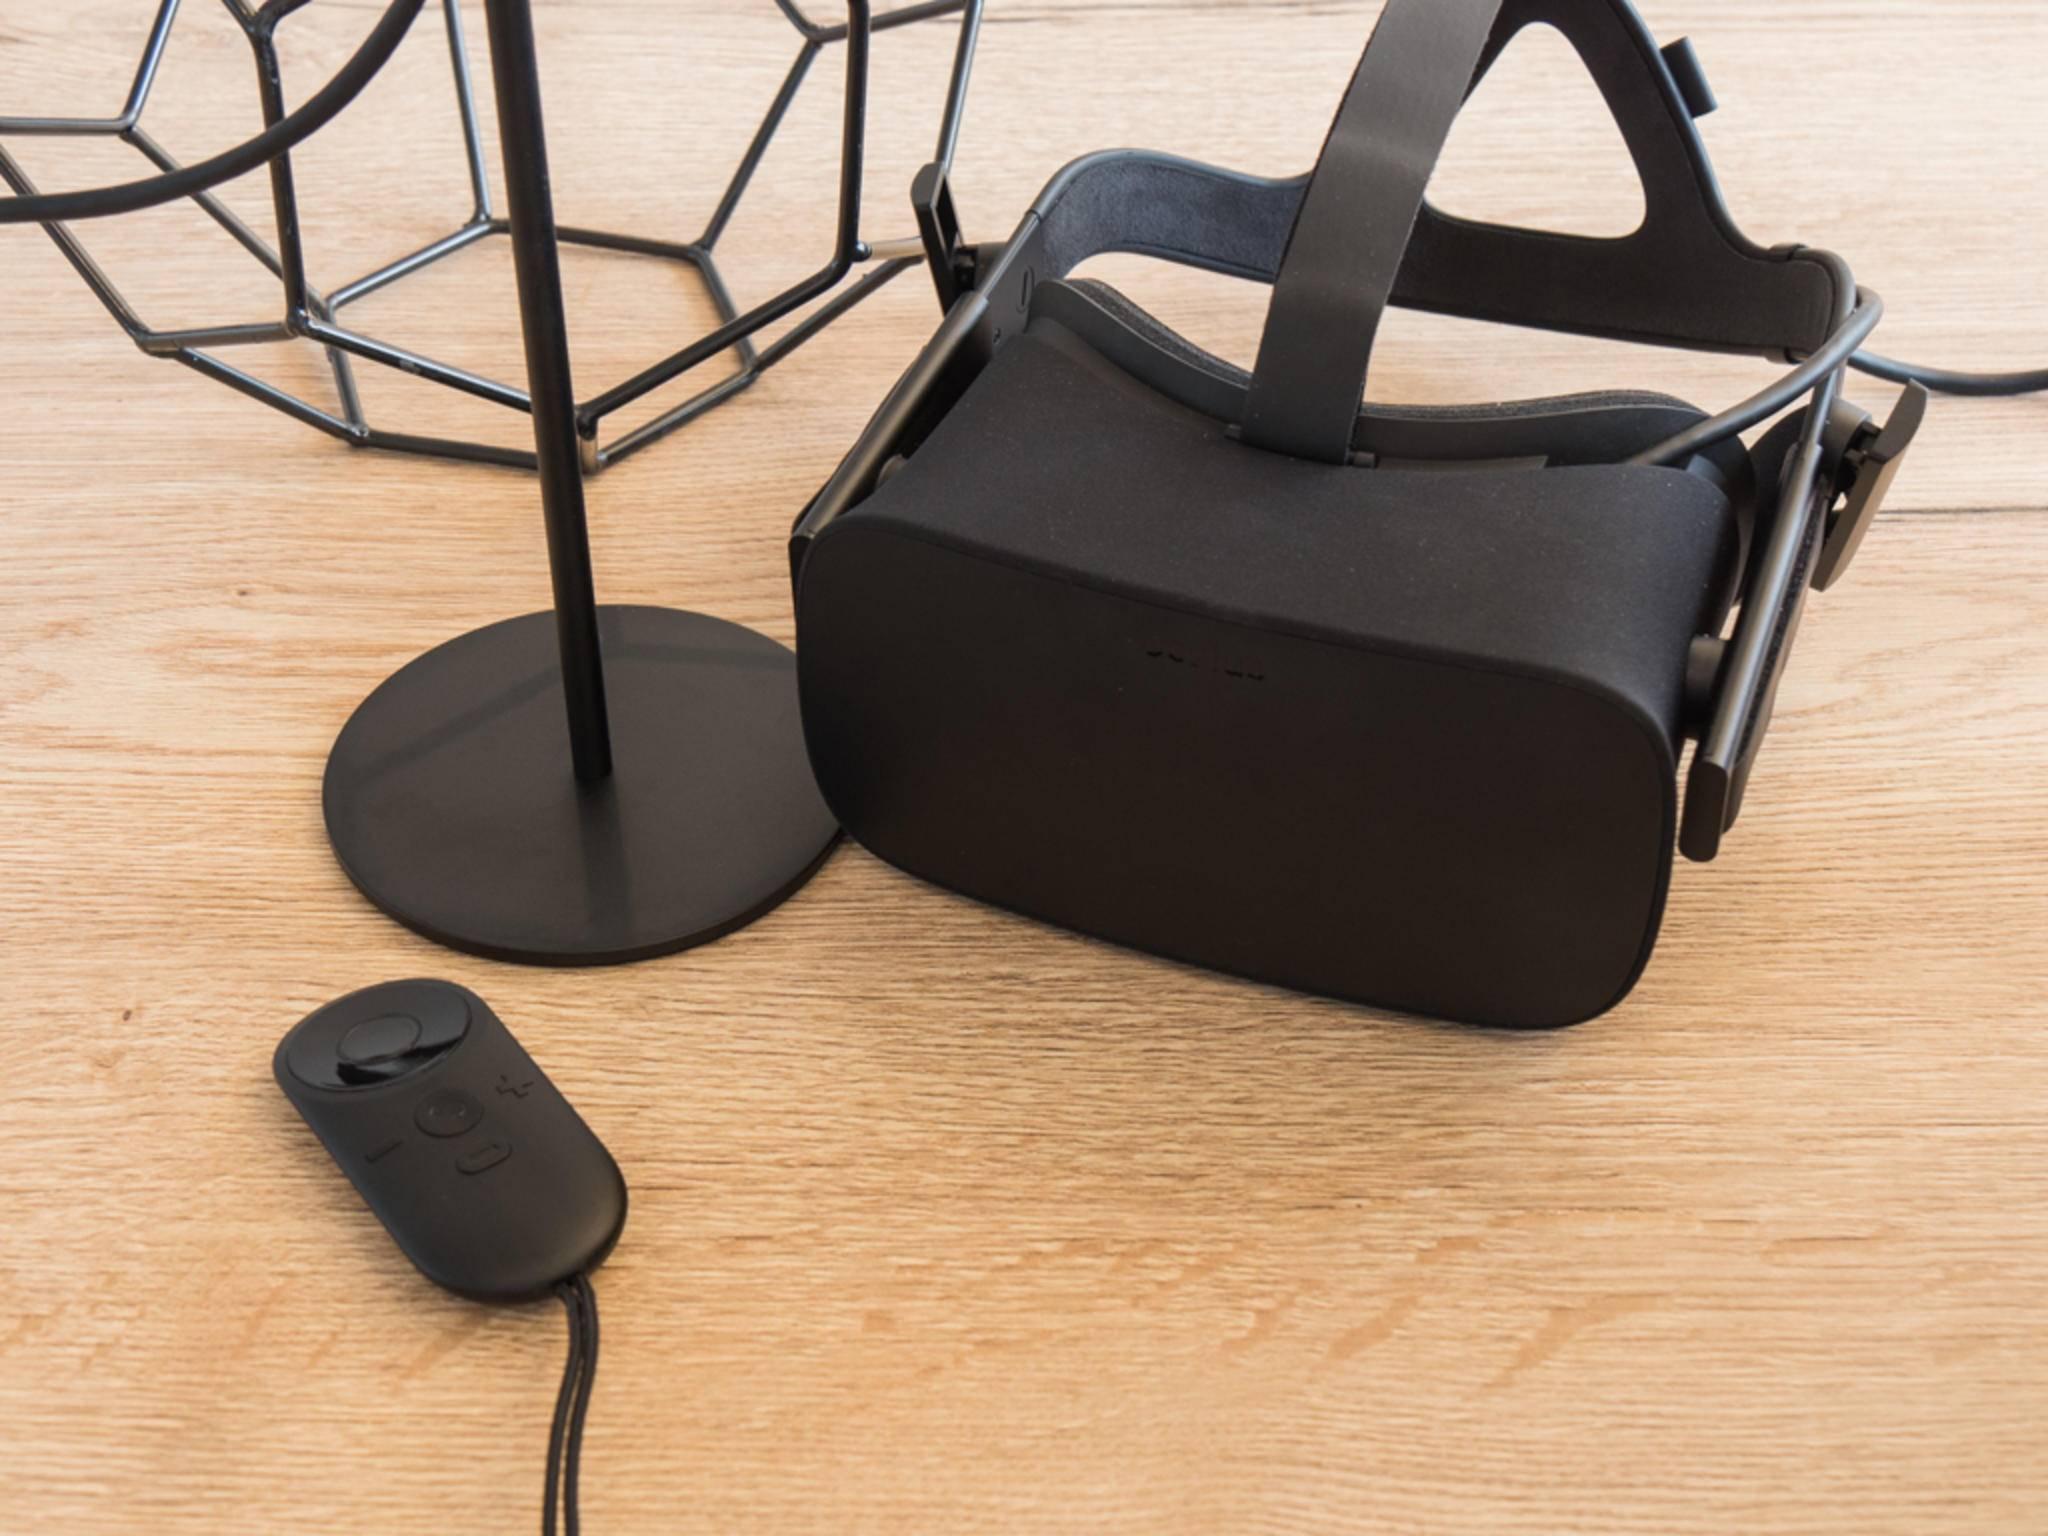 Bekommt die Oculus Rift bald eine kleine Schwester für 200 Dollar?